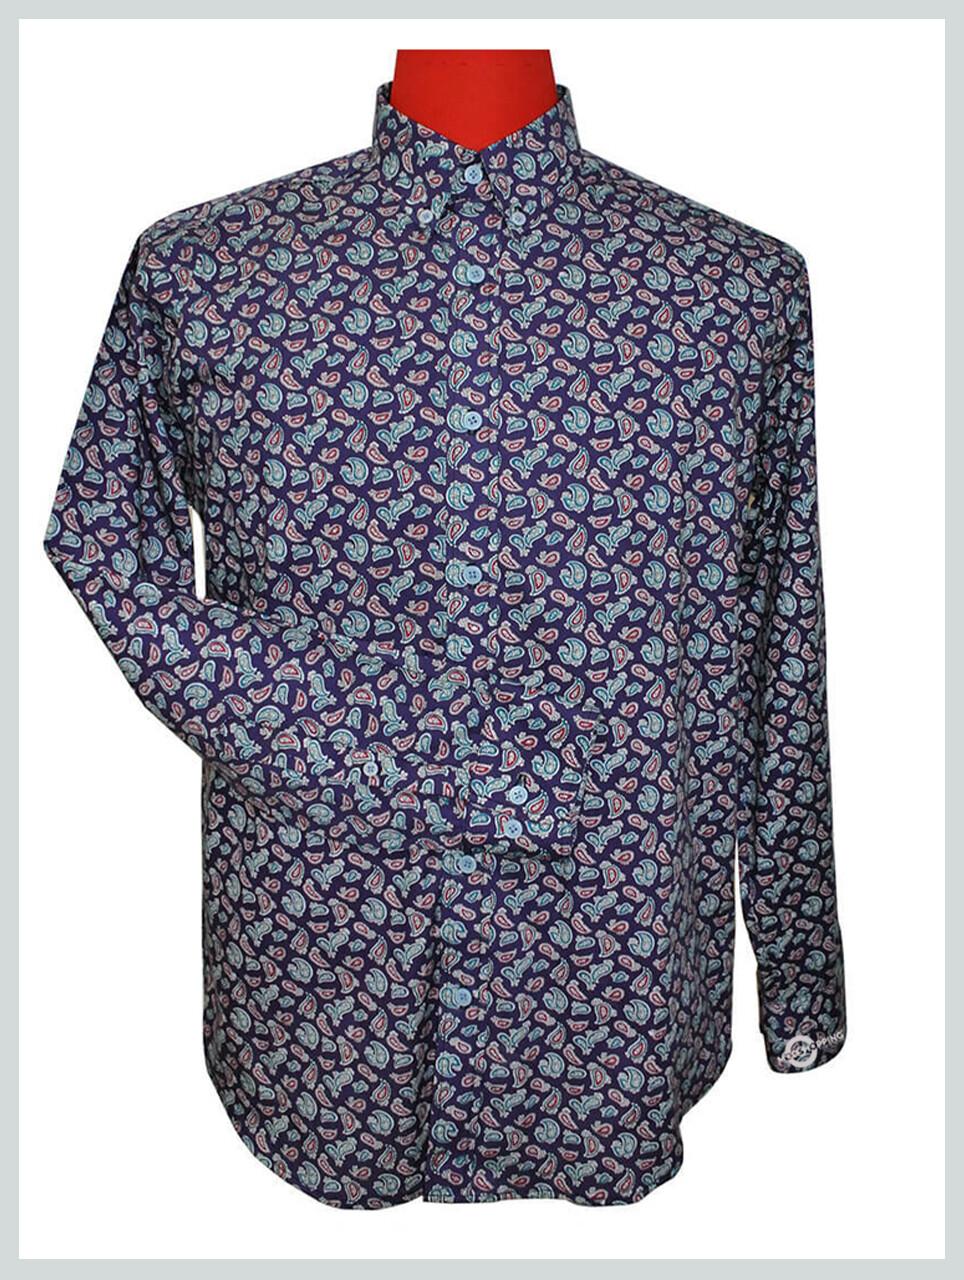 Paisley Shirt| 60s Mod Style Purple Paisley Shirt